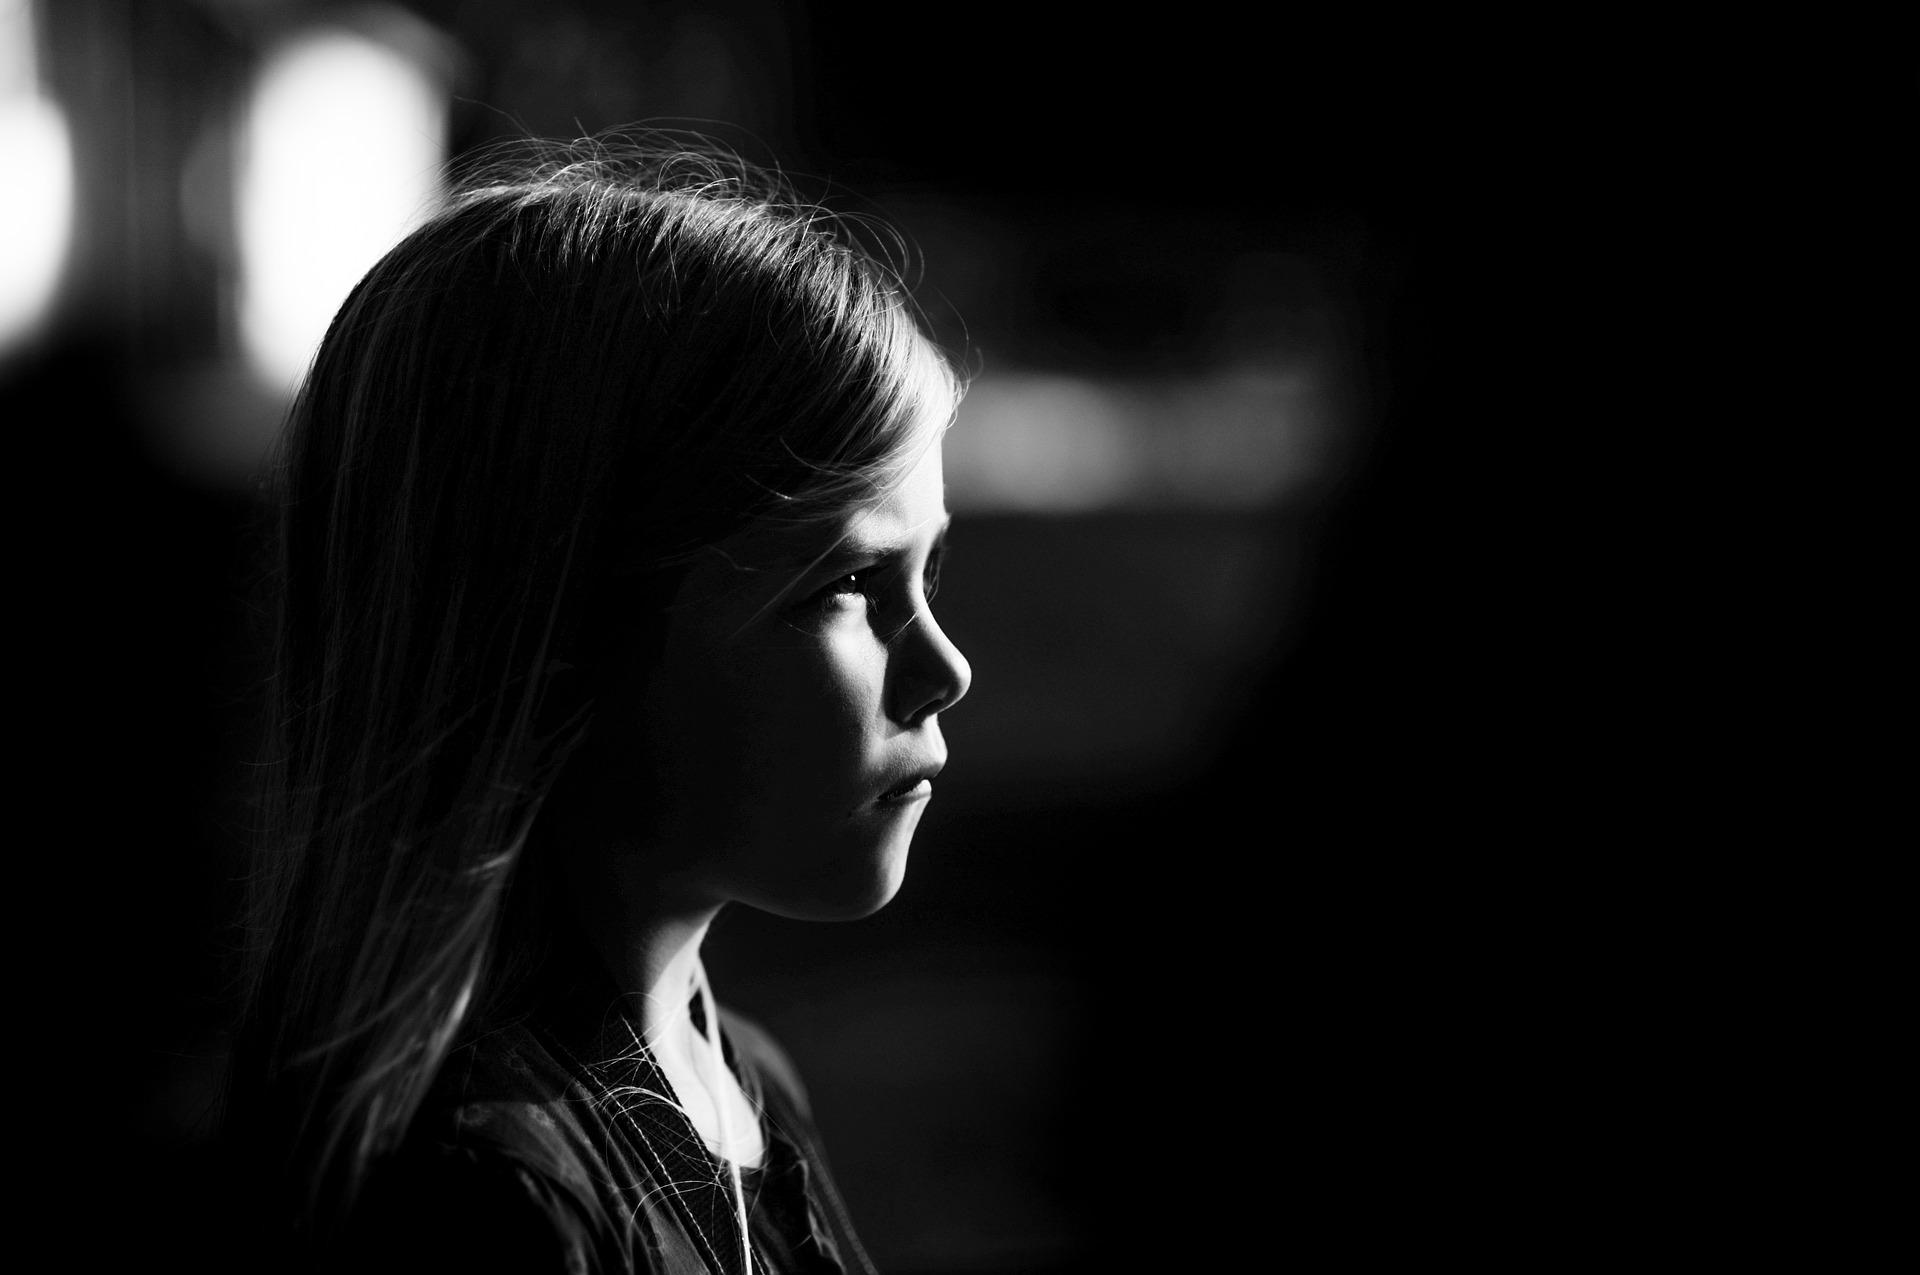 girl 2806276 1920 - Humanita, humanismus, teror humanity